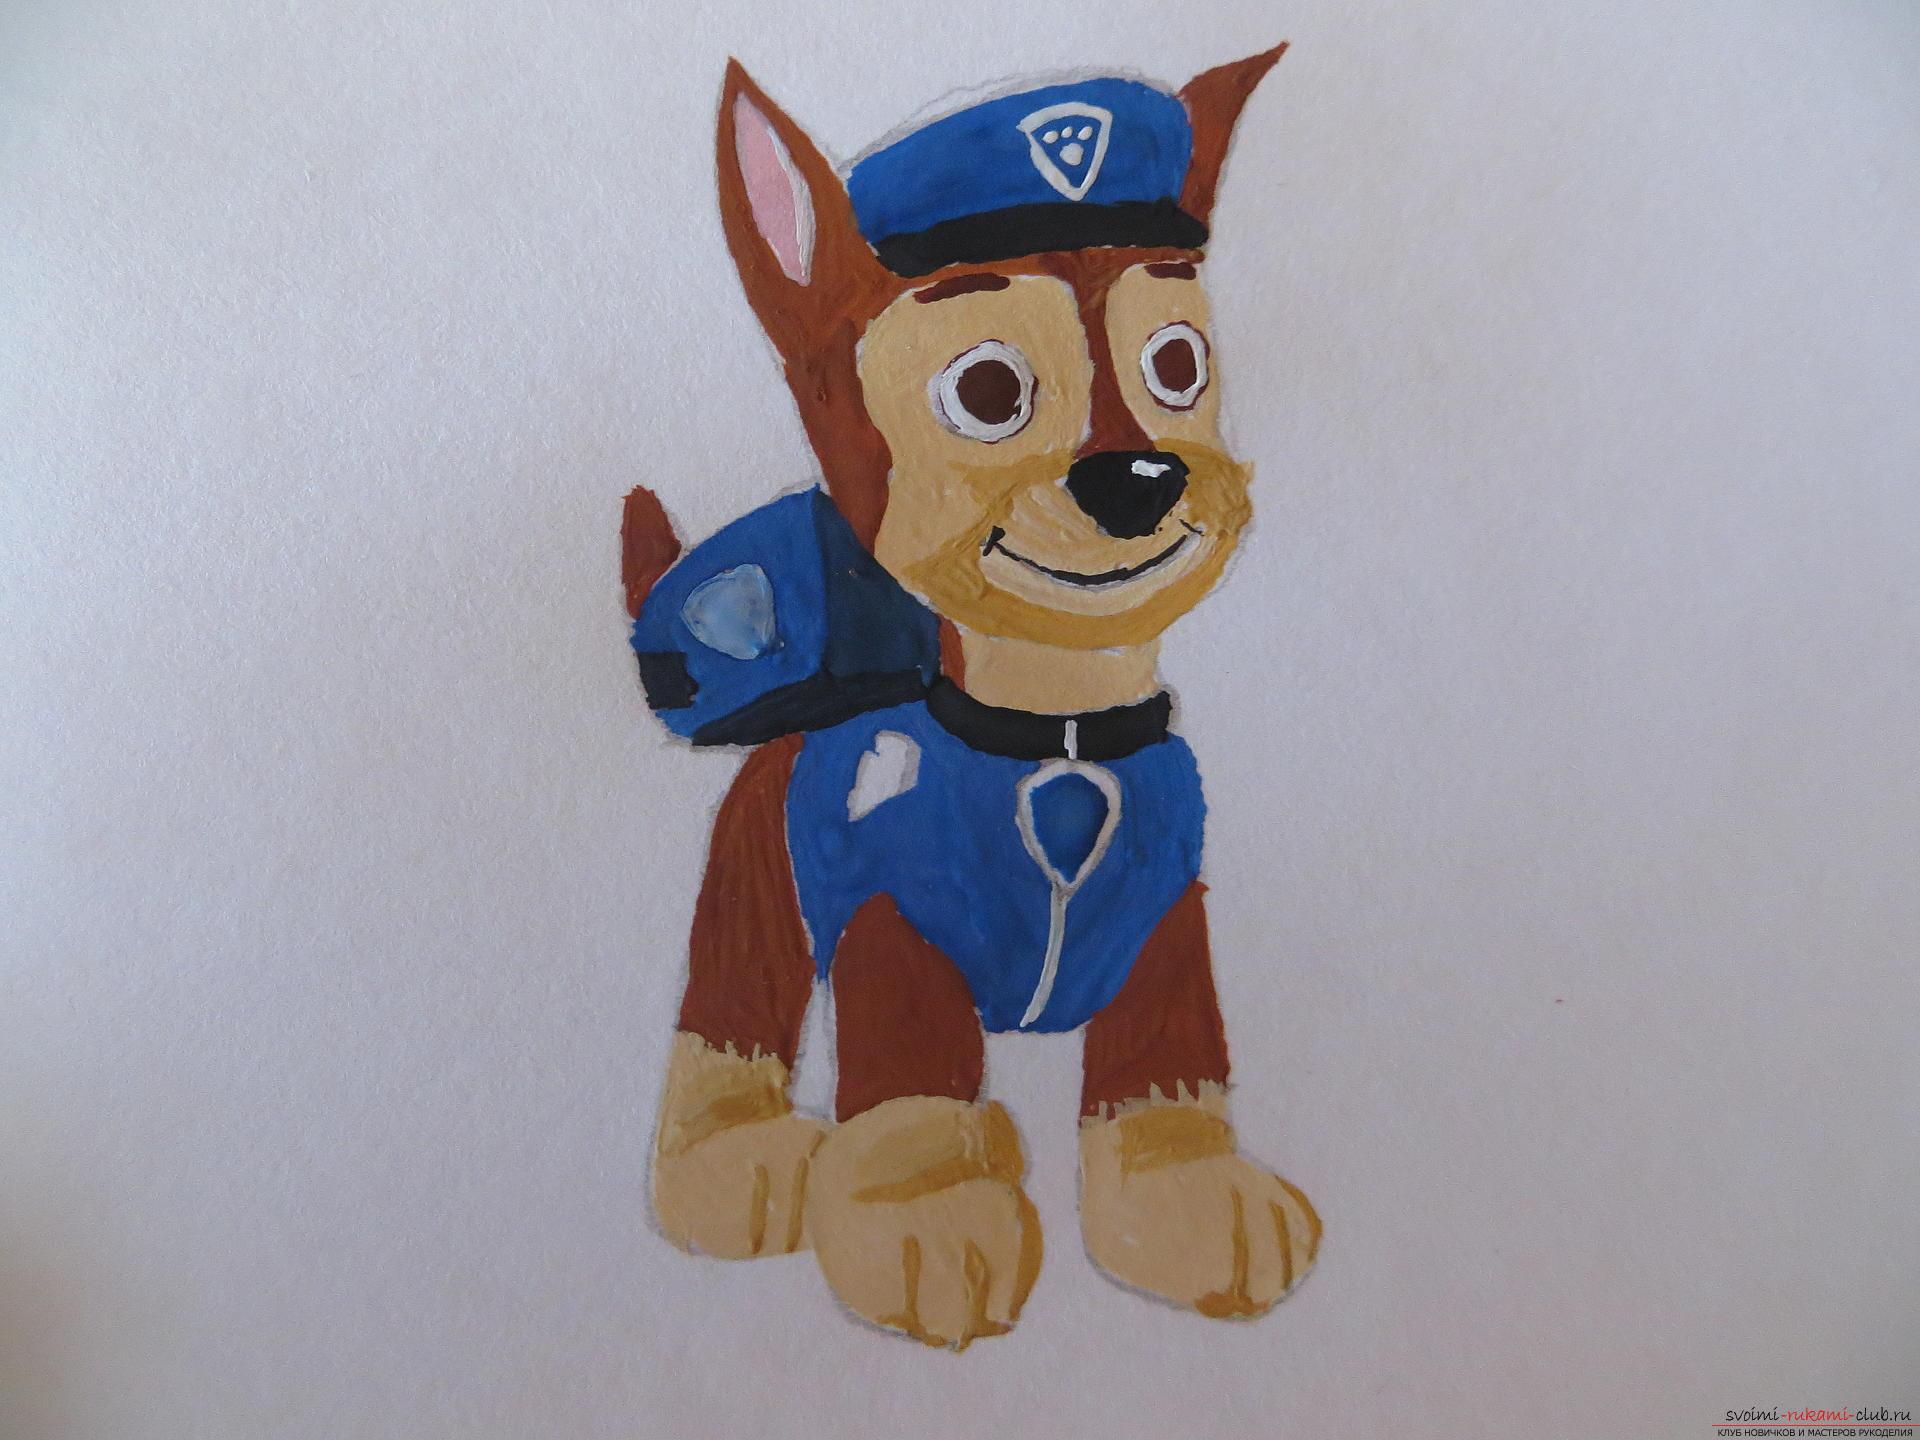 Этот мастер-класс по рисованию научит как нарисовать персонажа из мультфильма